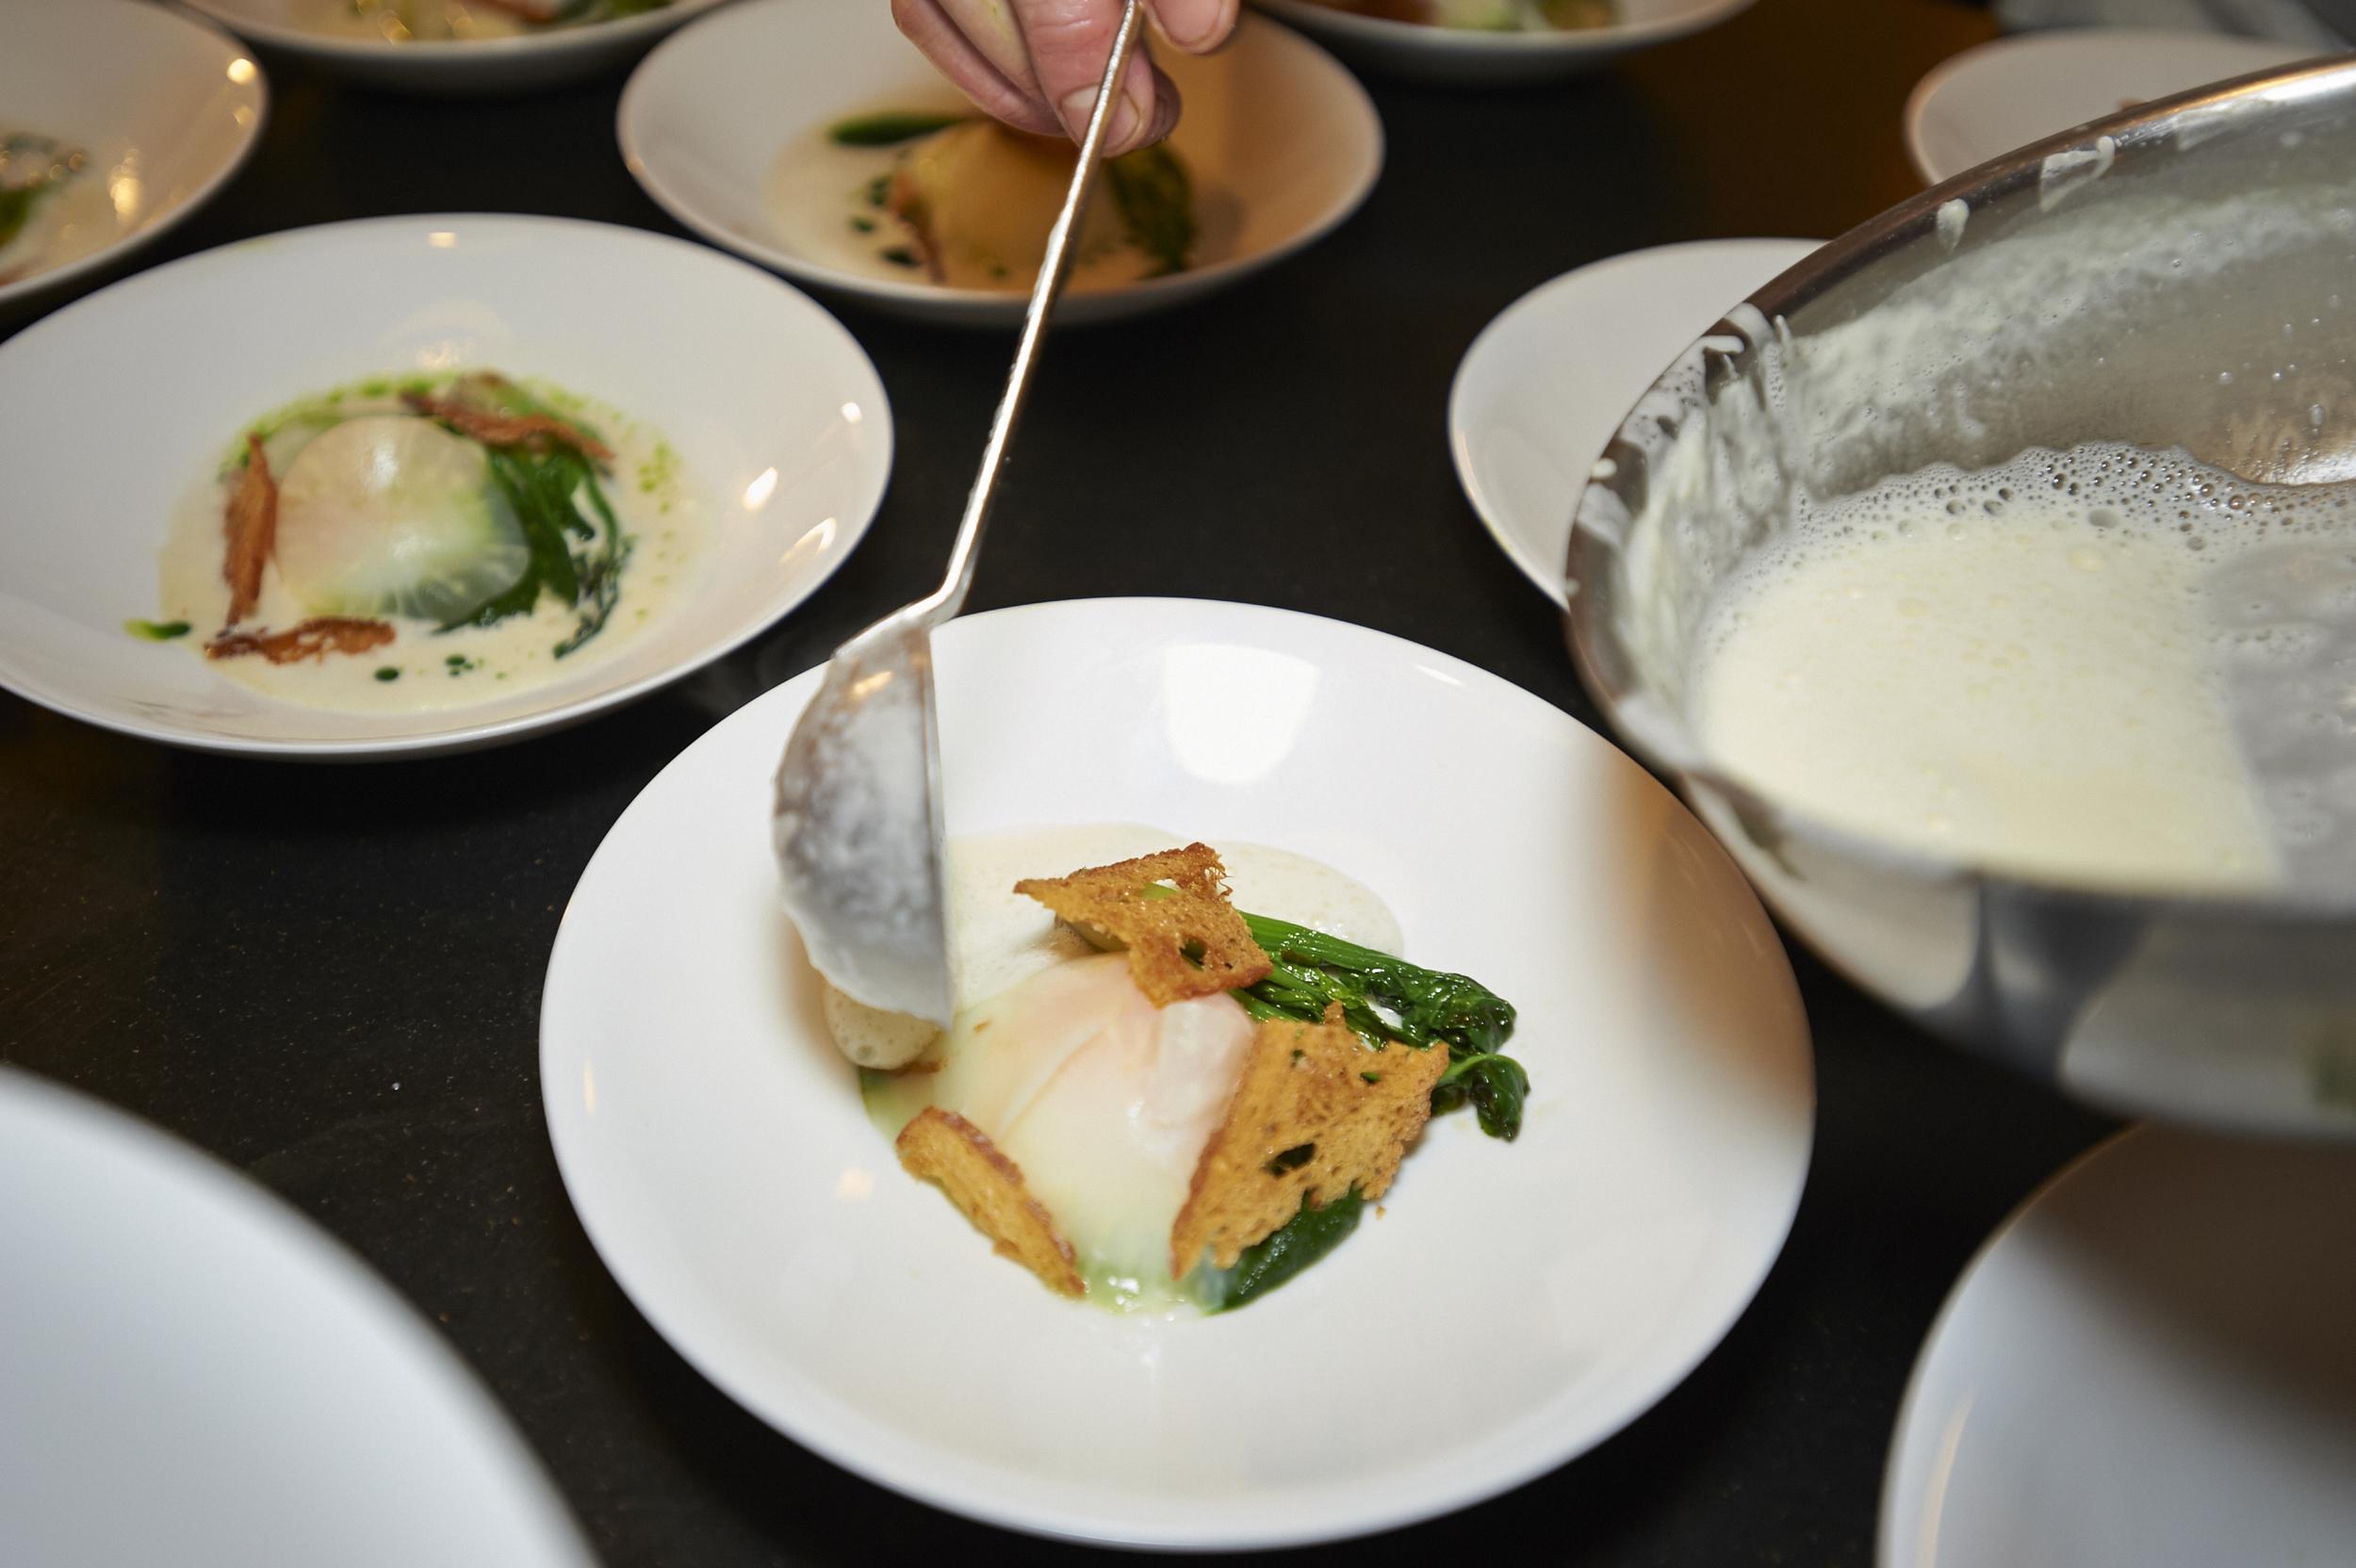 Egg, Celeriac, Spinach, Gruyere